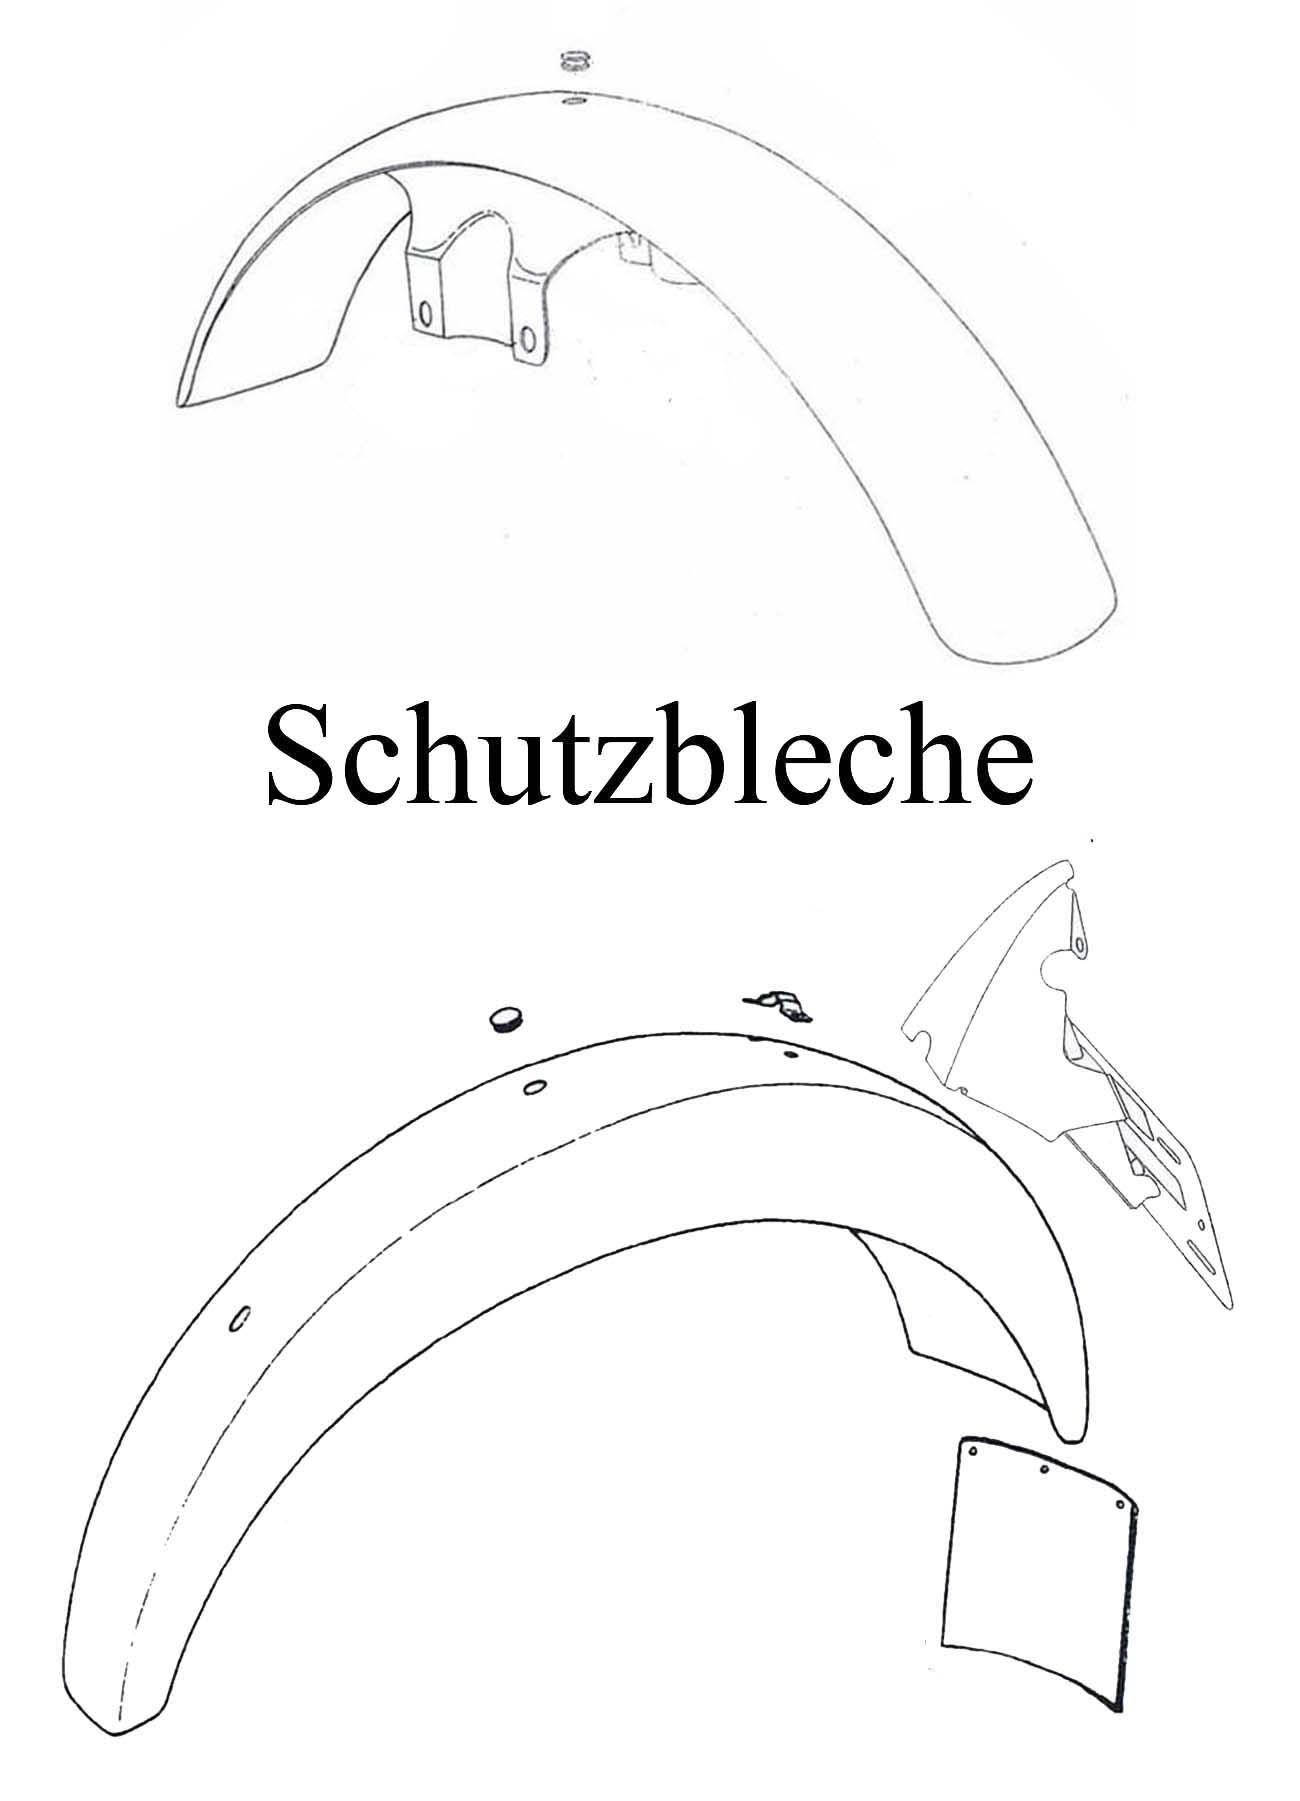 MZ ETZ 251 Ersatzteileliste Schutzbleche vorn Hinterradkotflügel Gummi Spritzschutz Rücklicht-Kennzeichenhalter